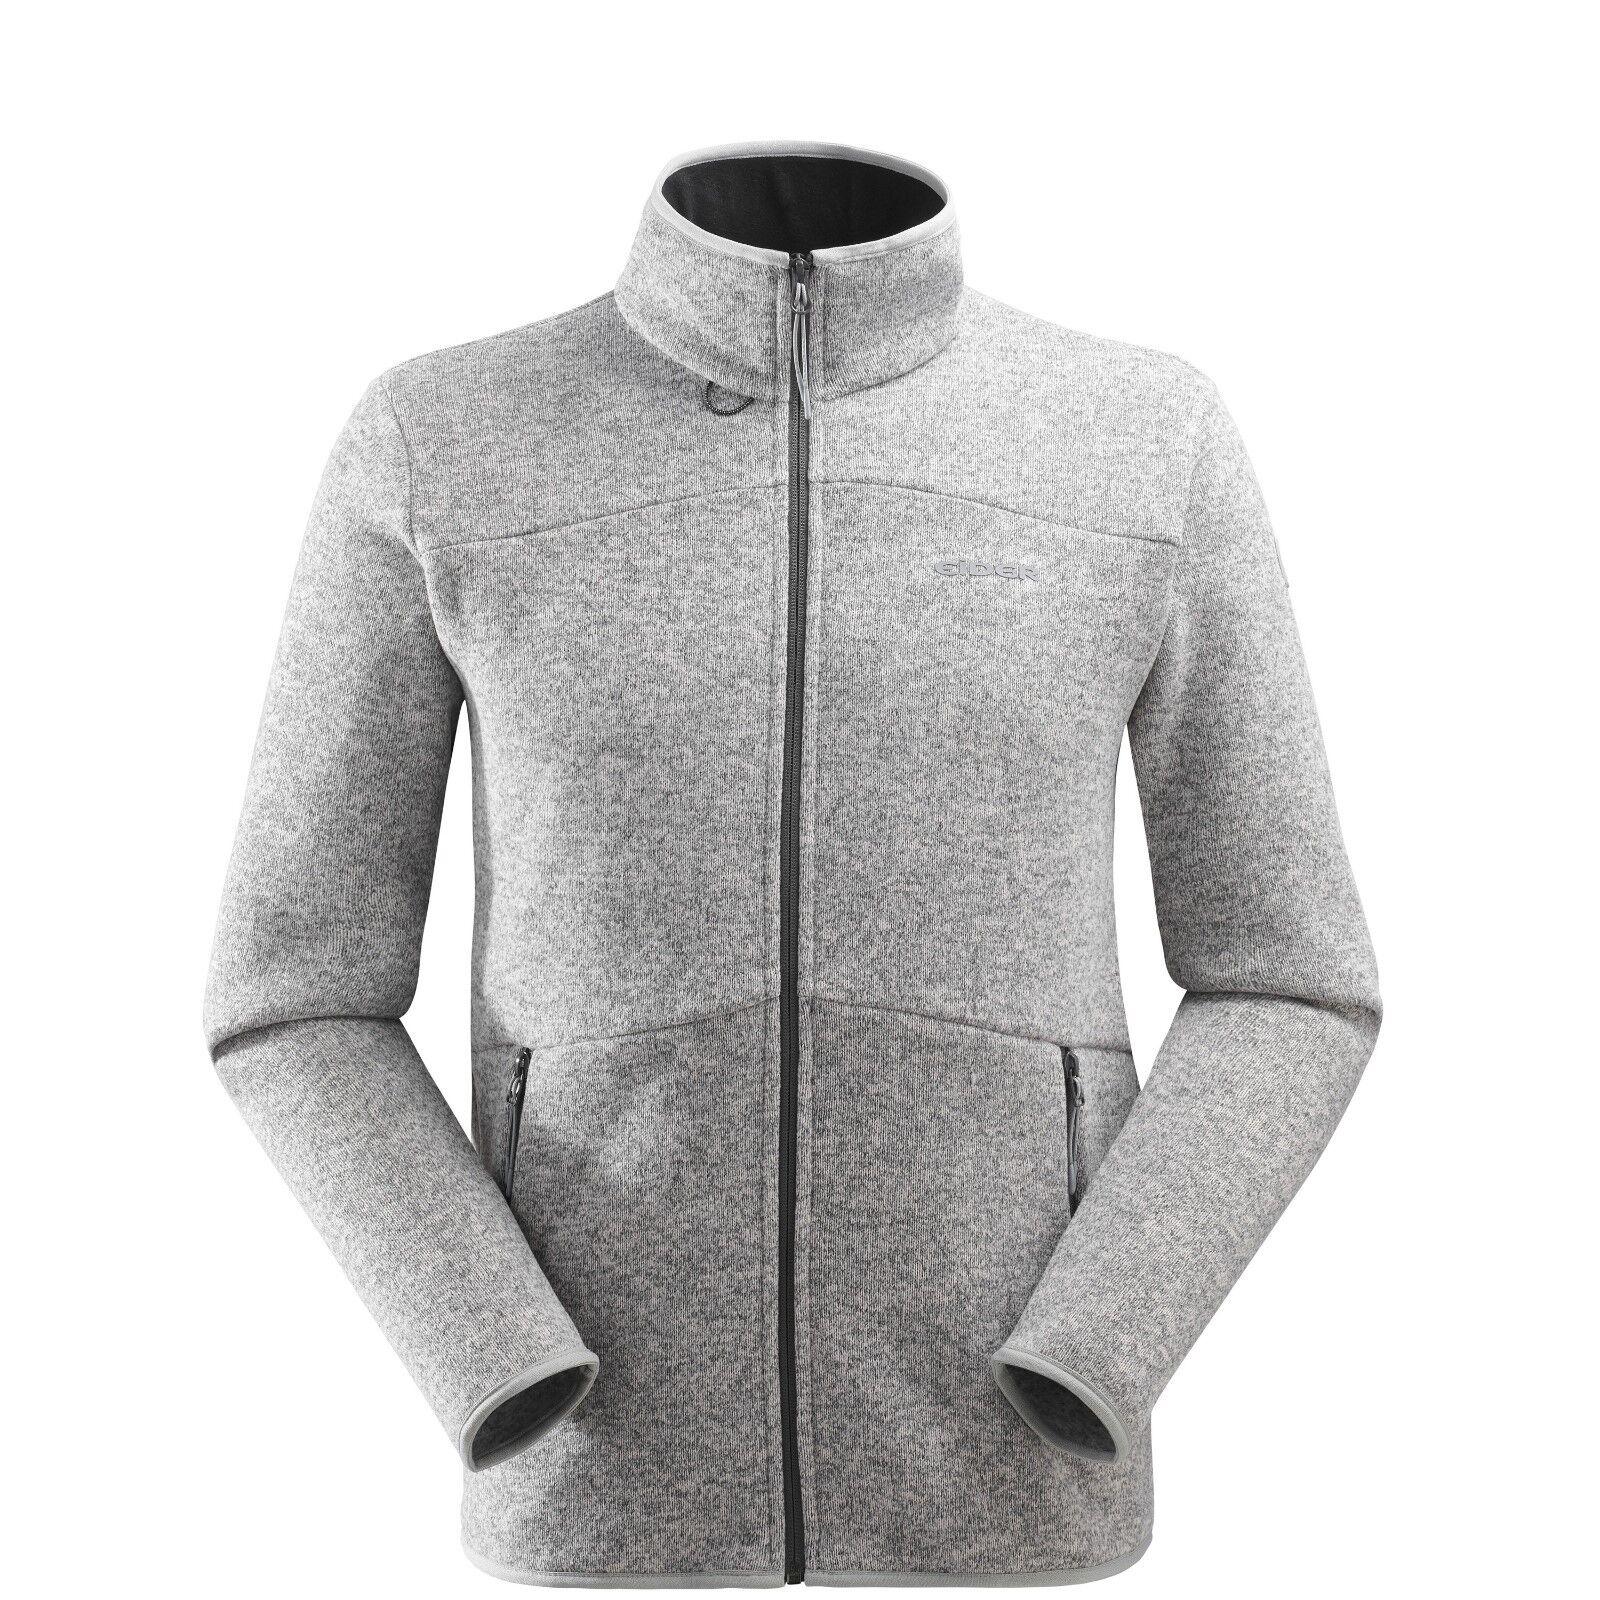 Eider Mission Jacket Men 2.0  Fleecejacke für Herren mit Strickoptik  grau